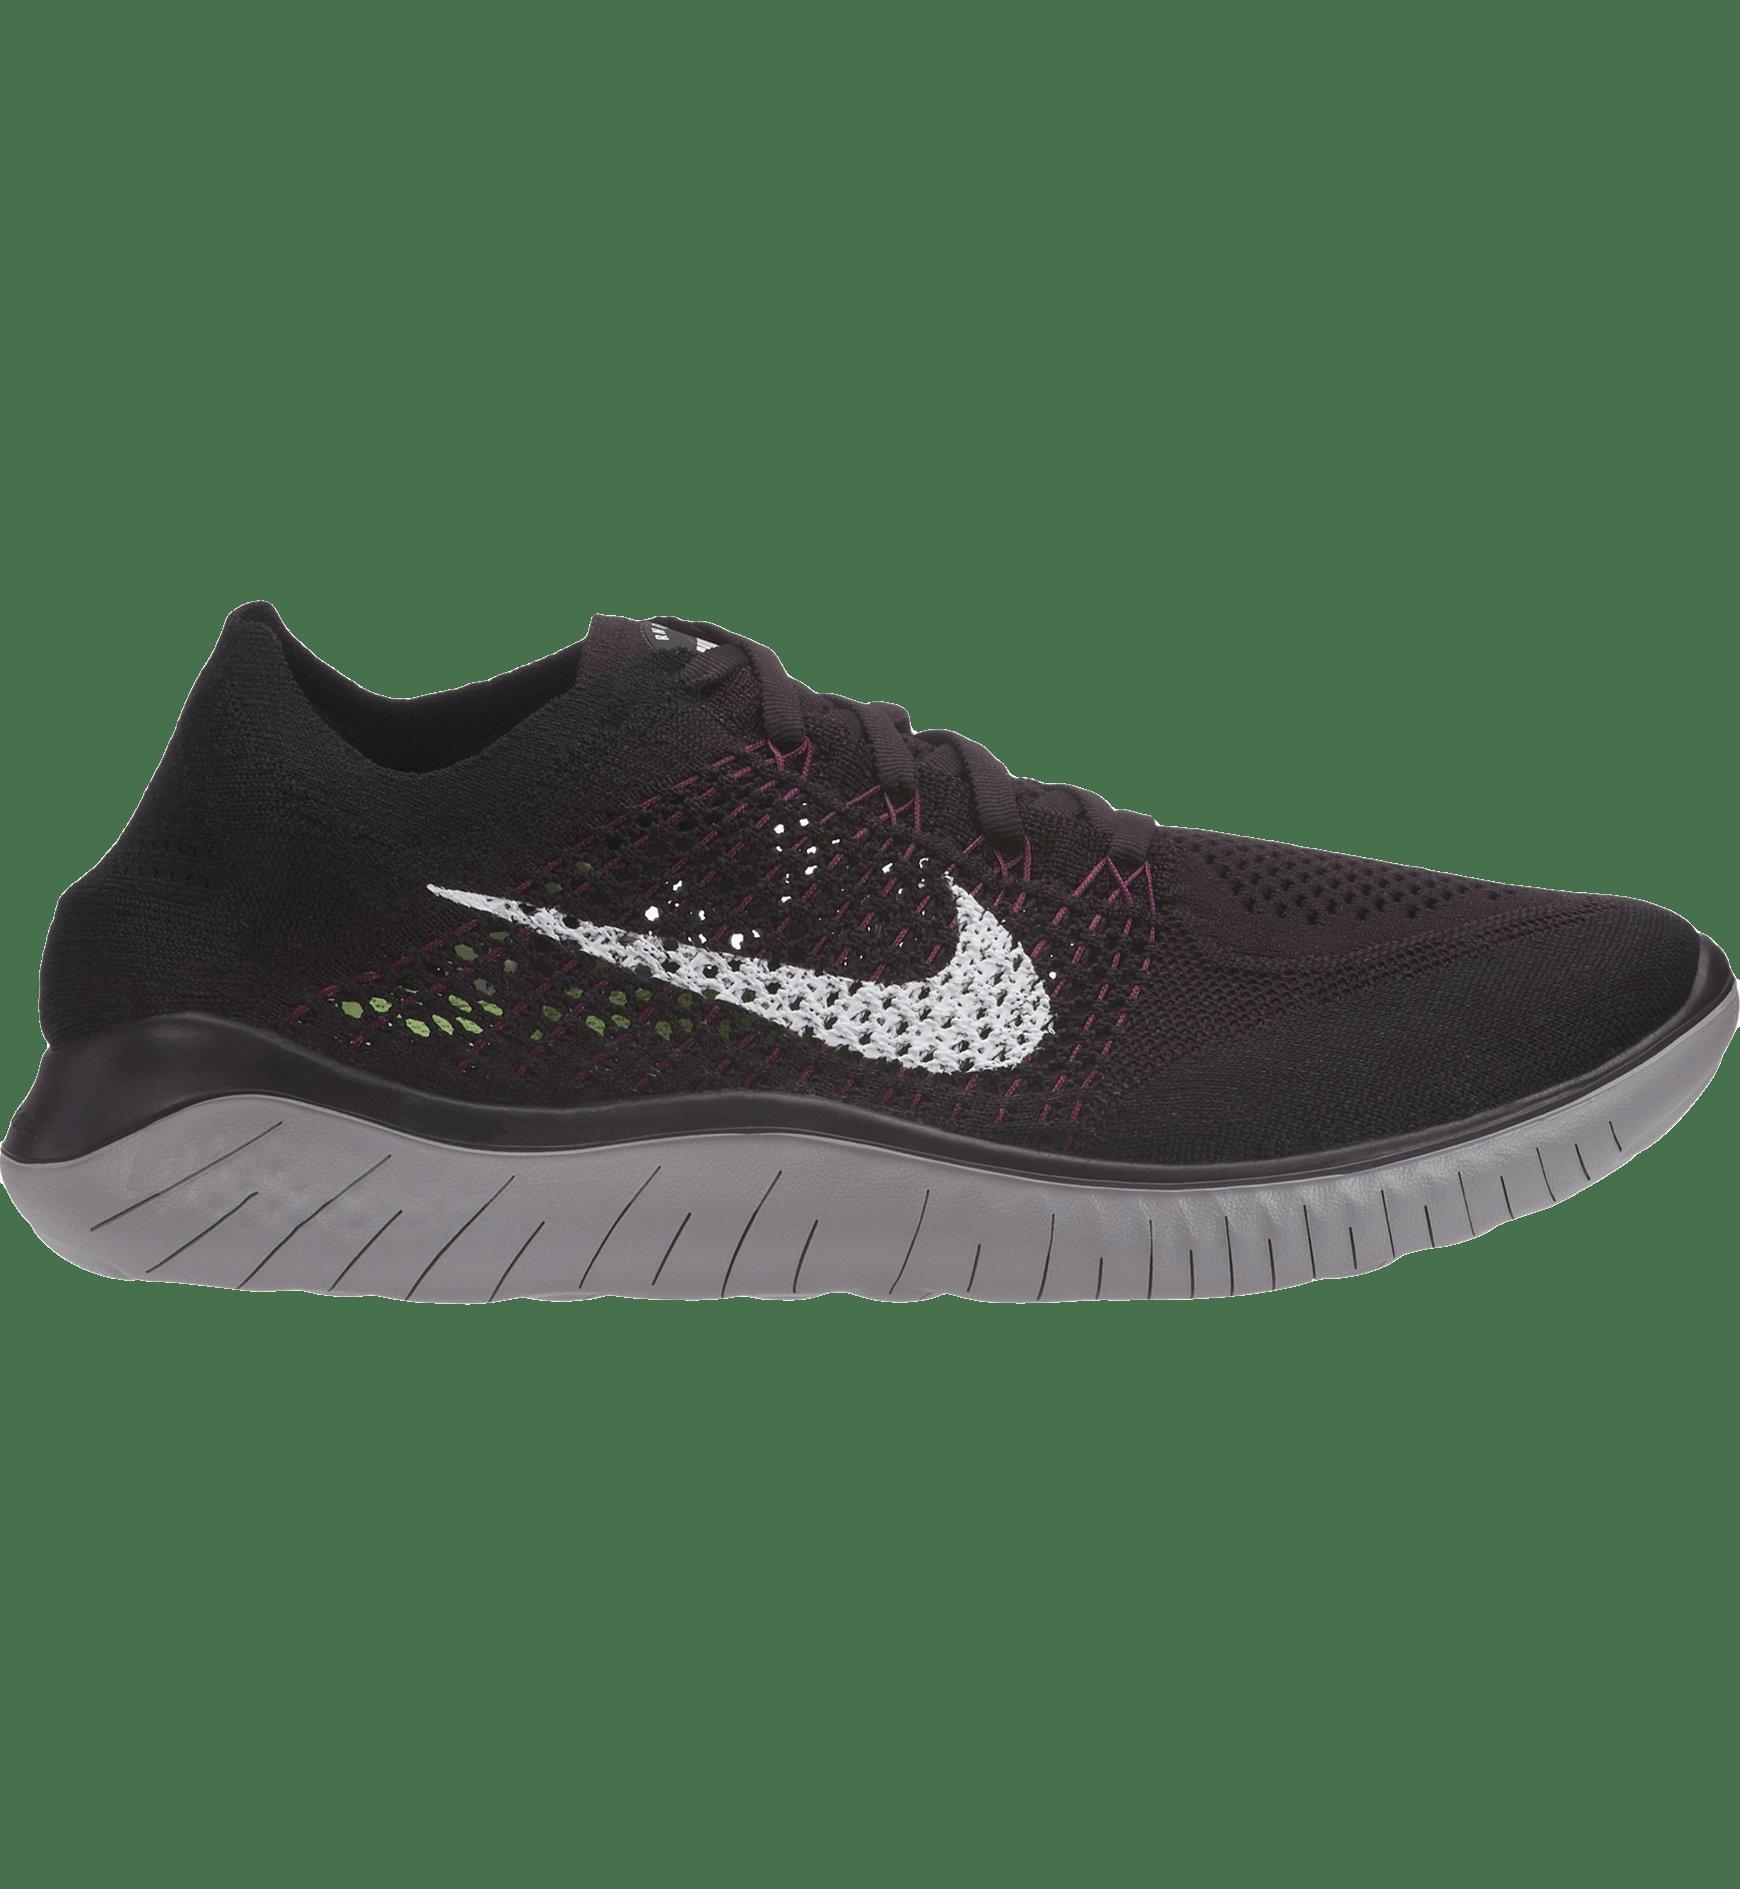 Free Run Flyknit Nike Scarpe natural running Modello da uomo